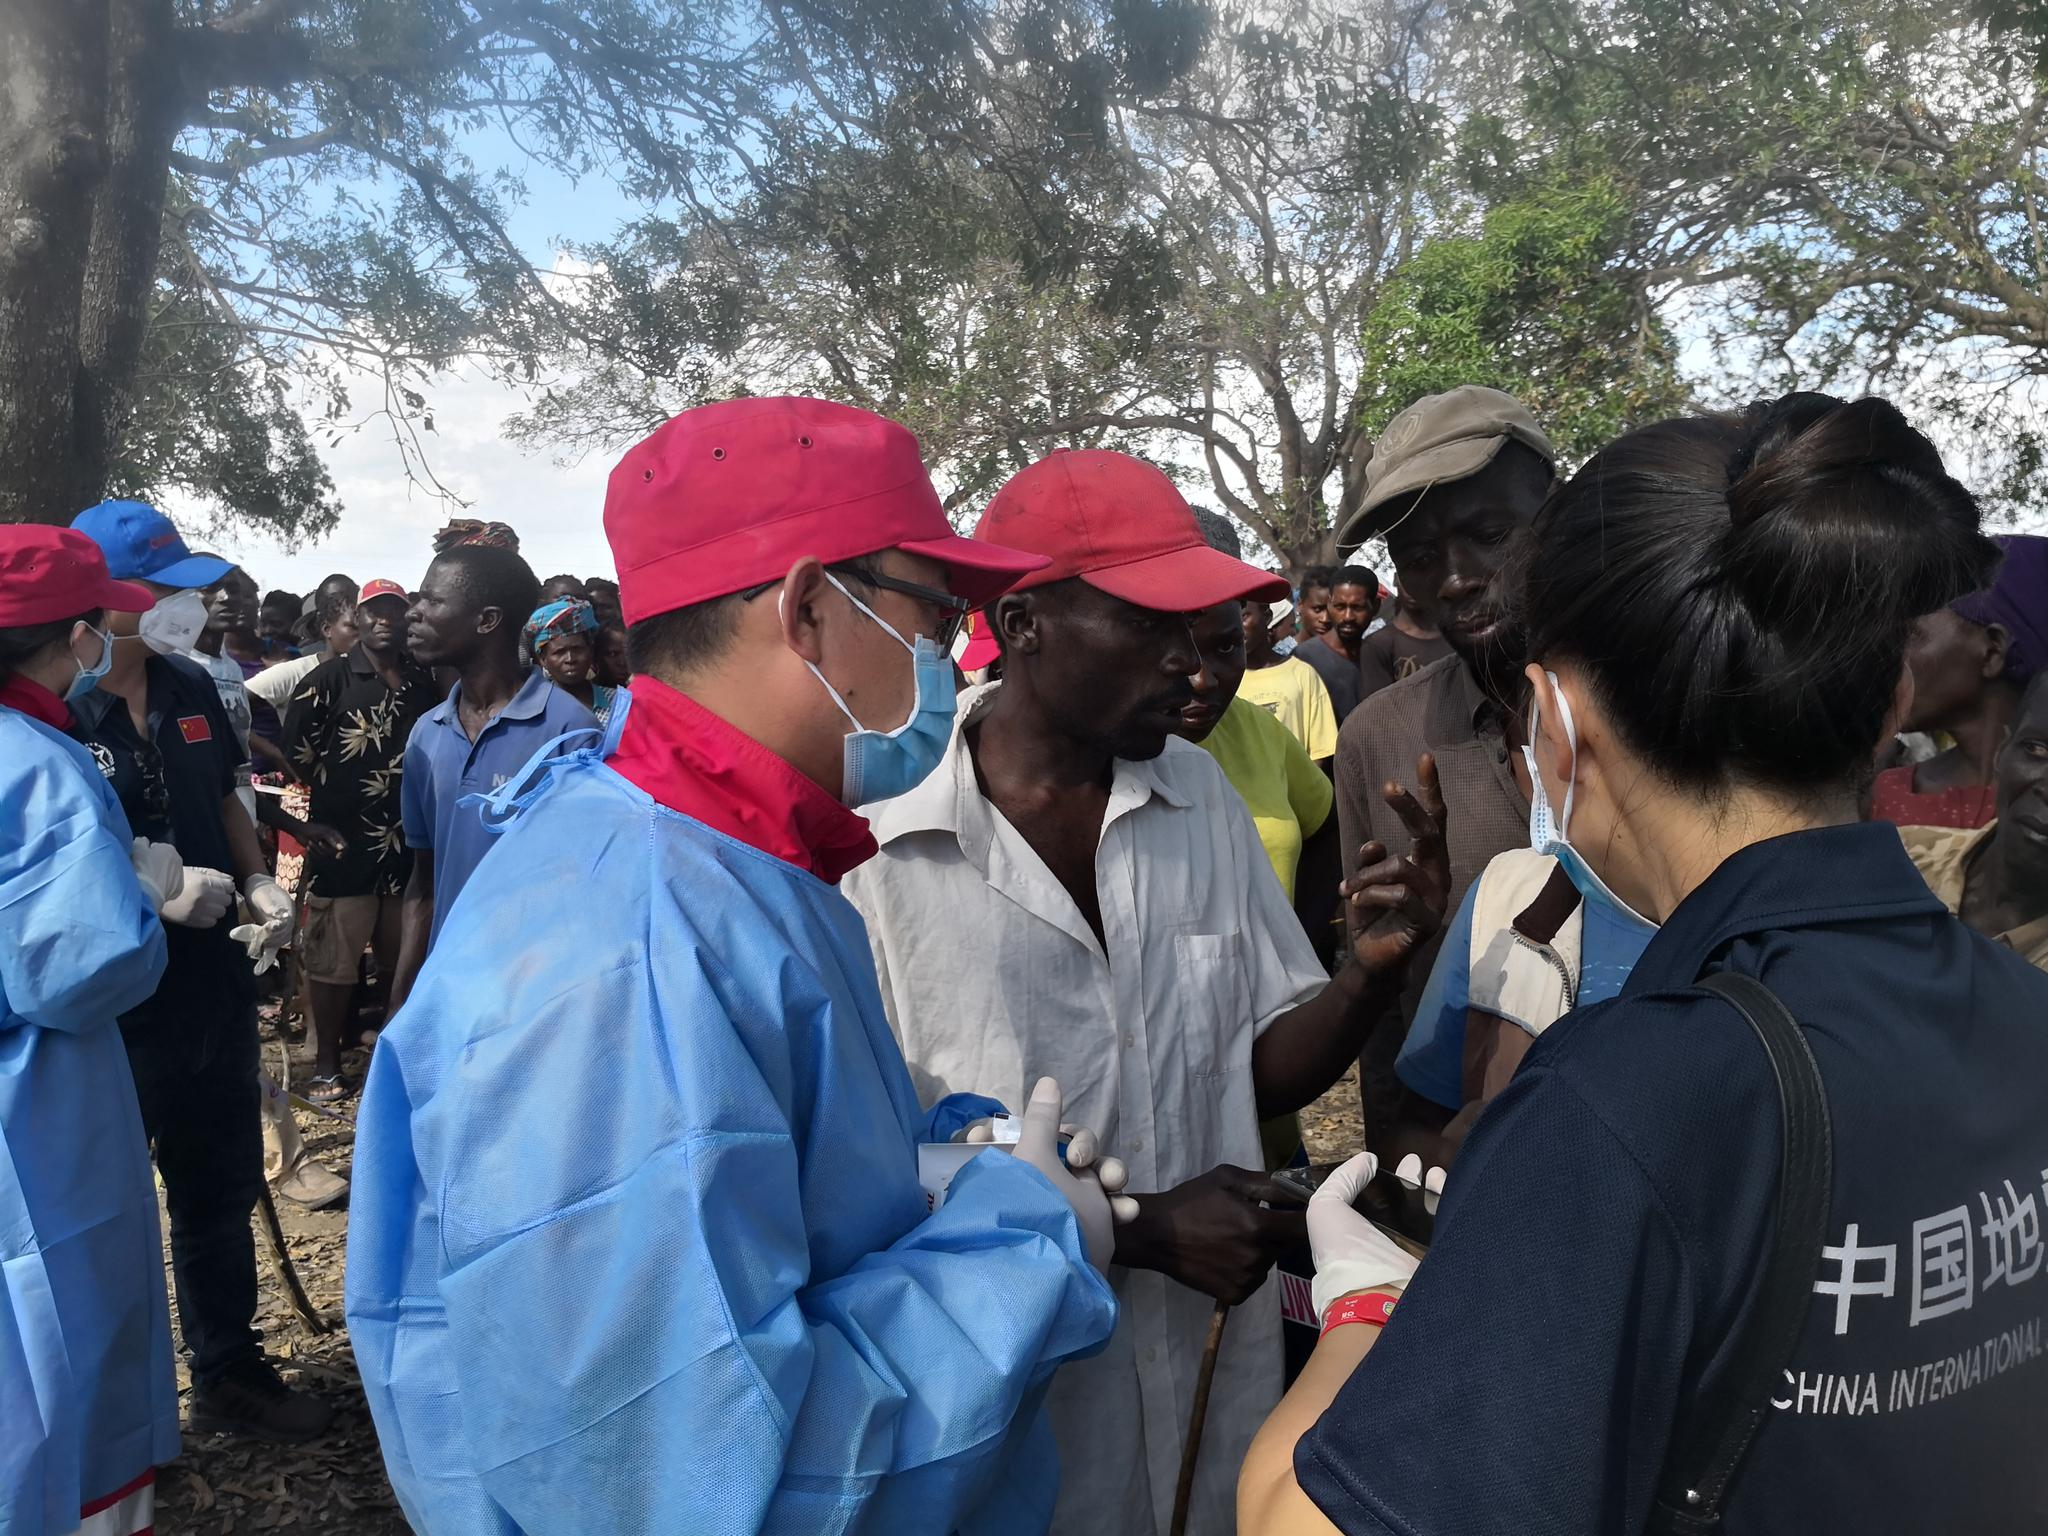 中国救援队在莫桑比克诊治灾民超千人